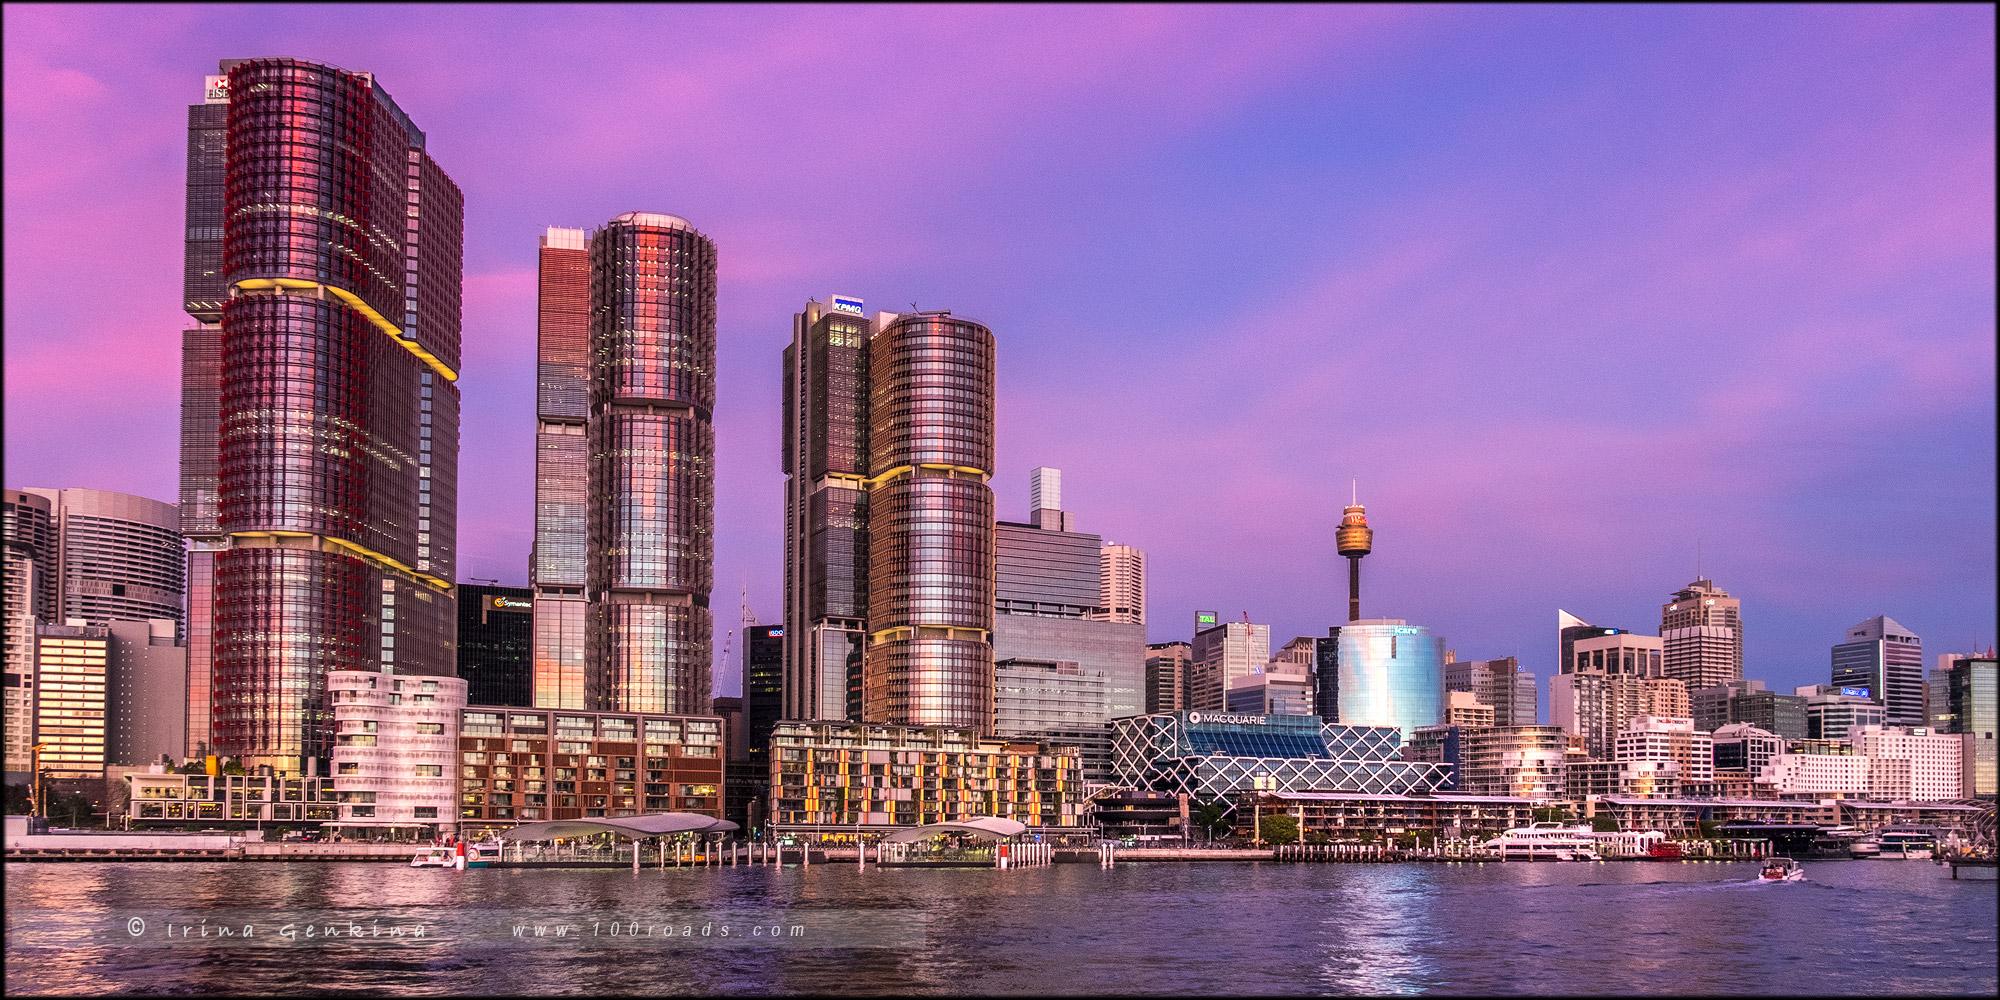 Барангару, Barangaroo, Сидней, Sydney, Новый Южный Уэльс, New South Wales, Австралия, Australia